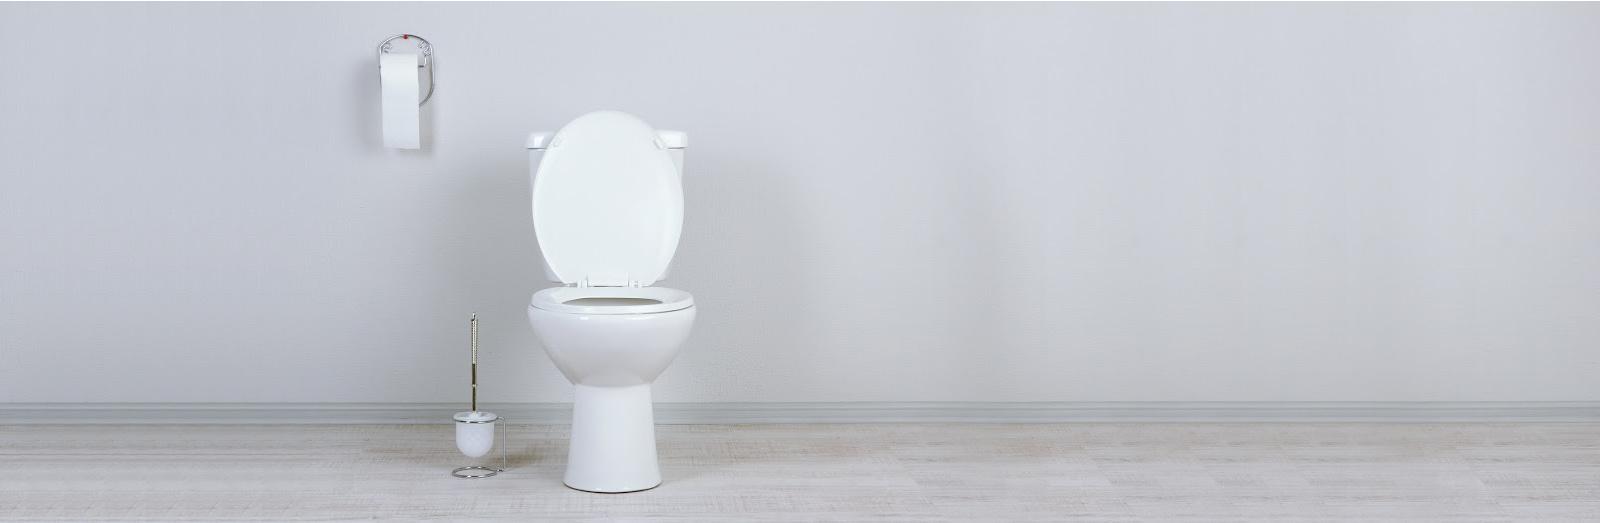 Toilet plaatsen of renoveren